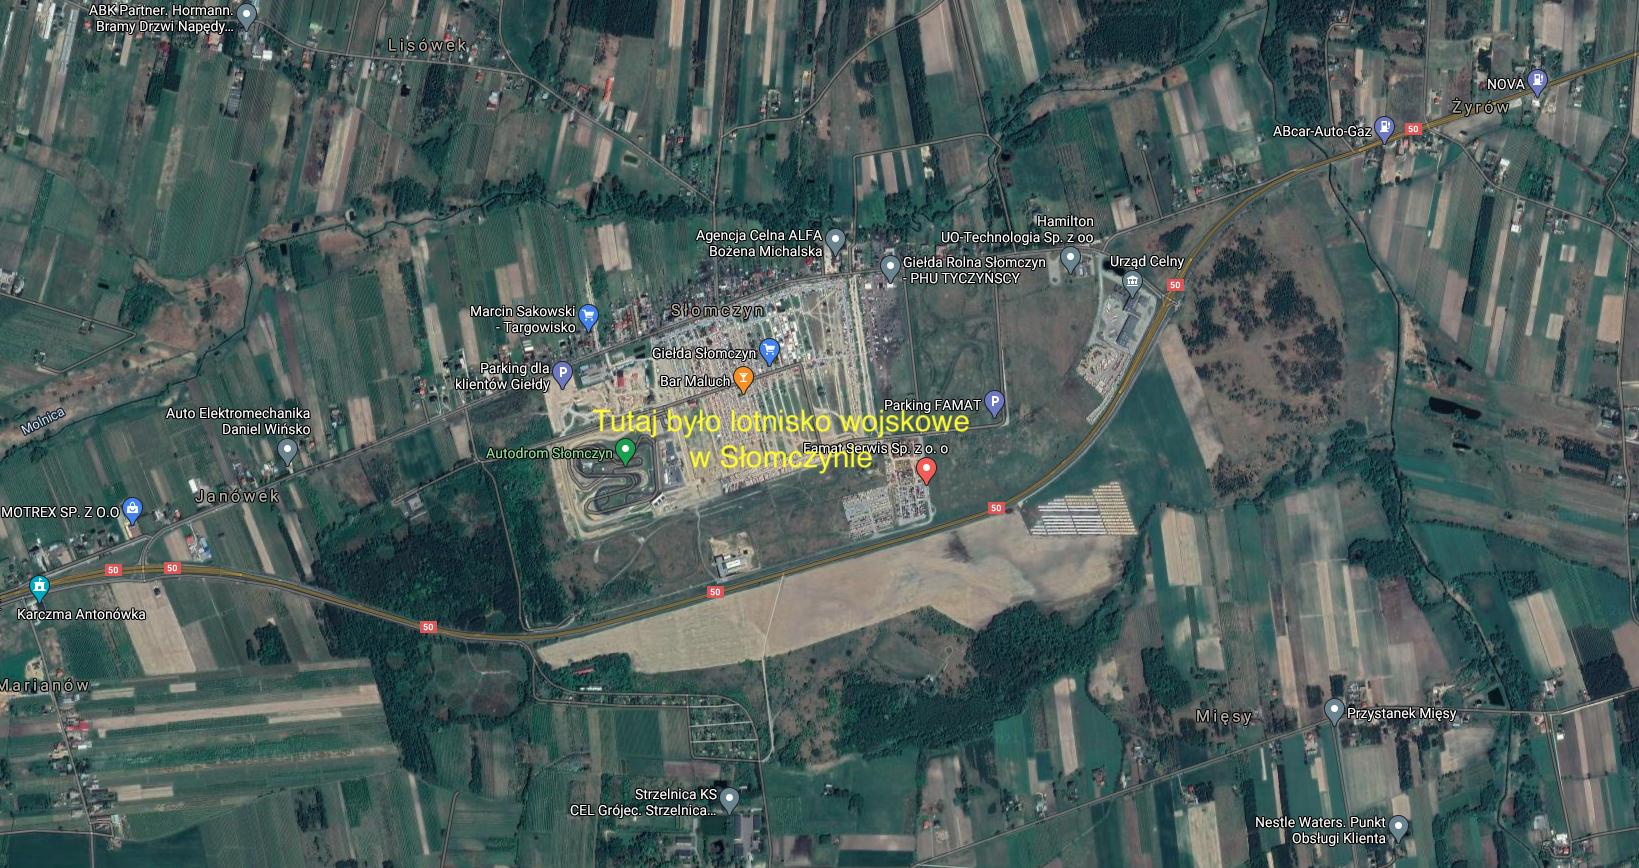 Byłe lotnisko w Słomczynie. 2021 rok. Zdjęcie satelitarne